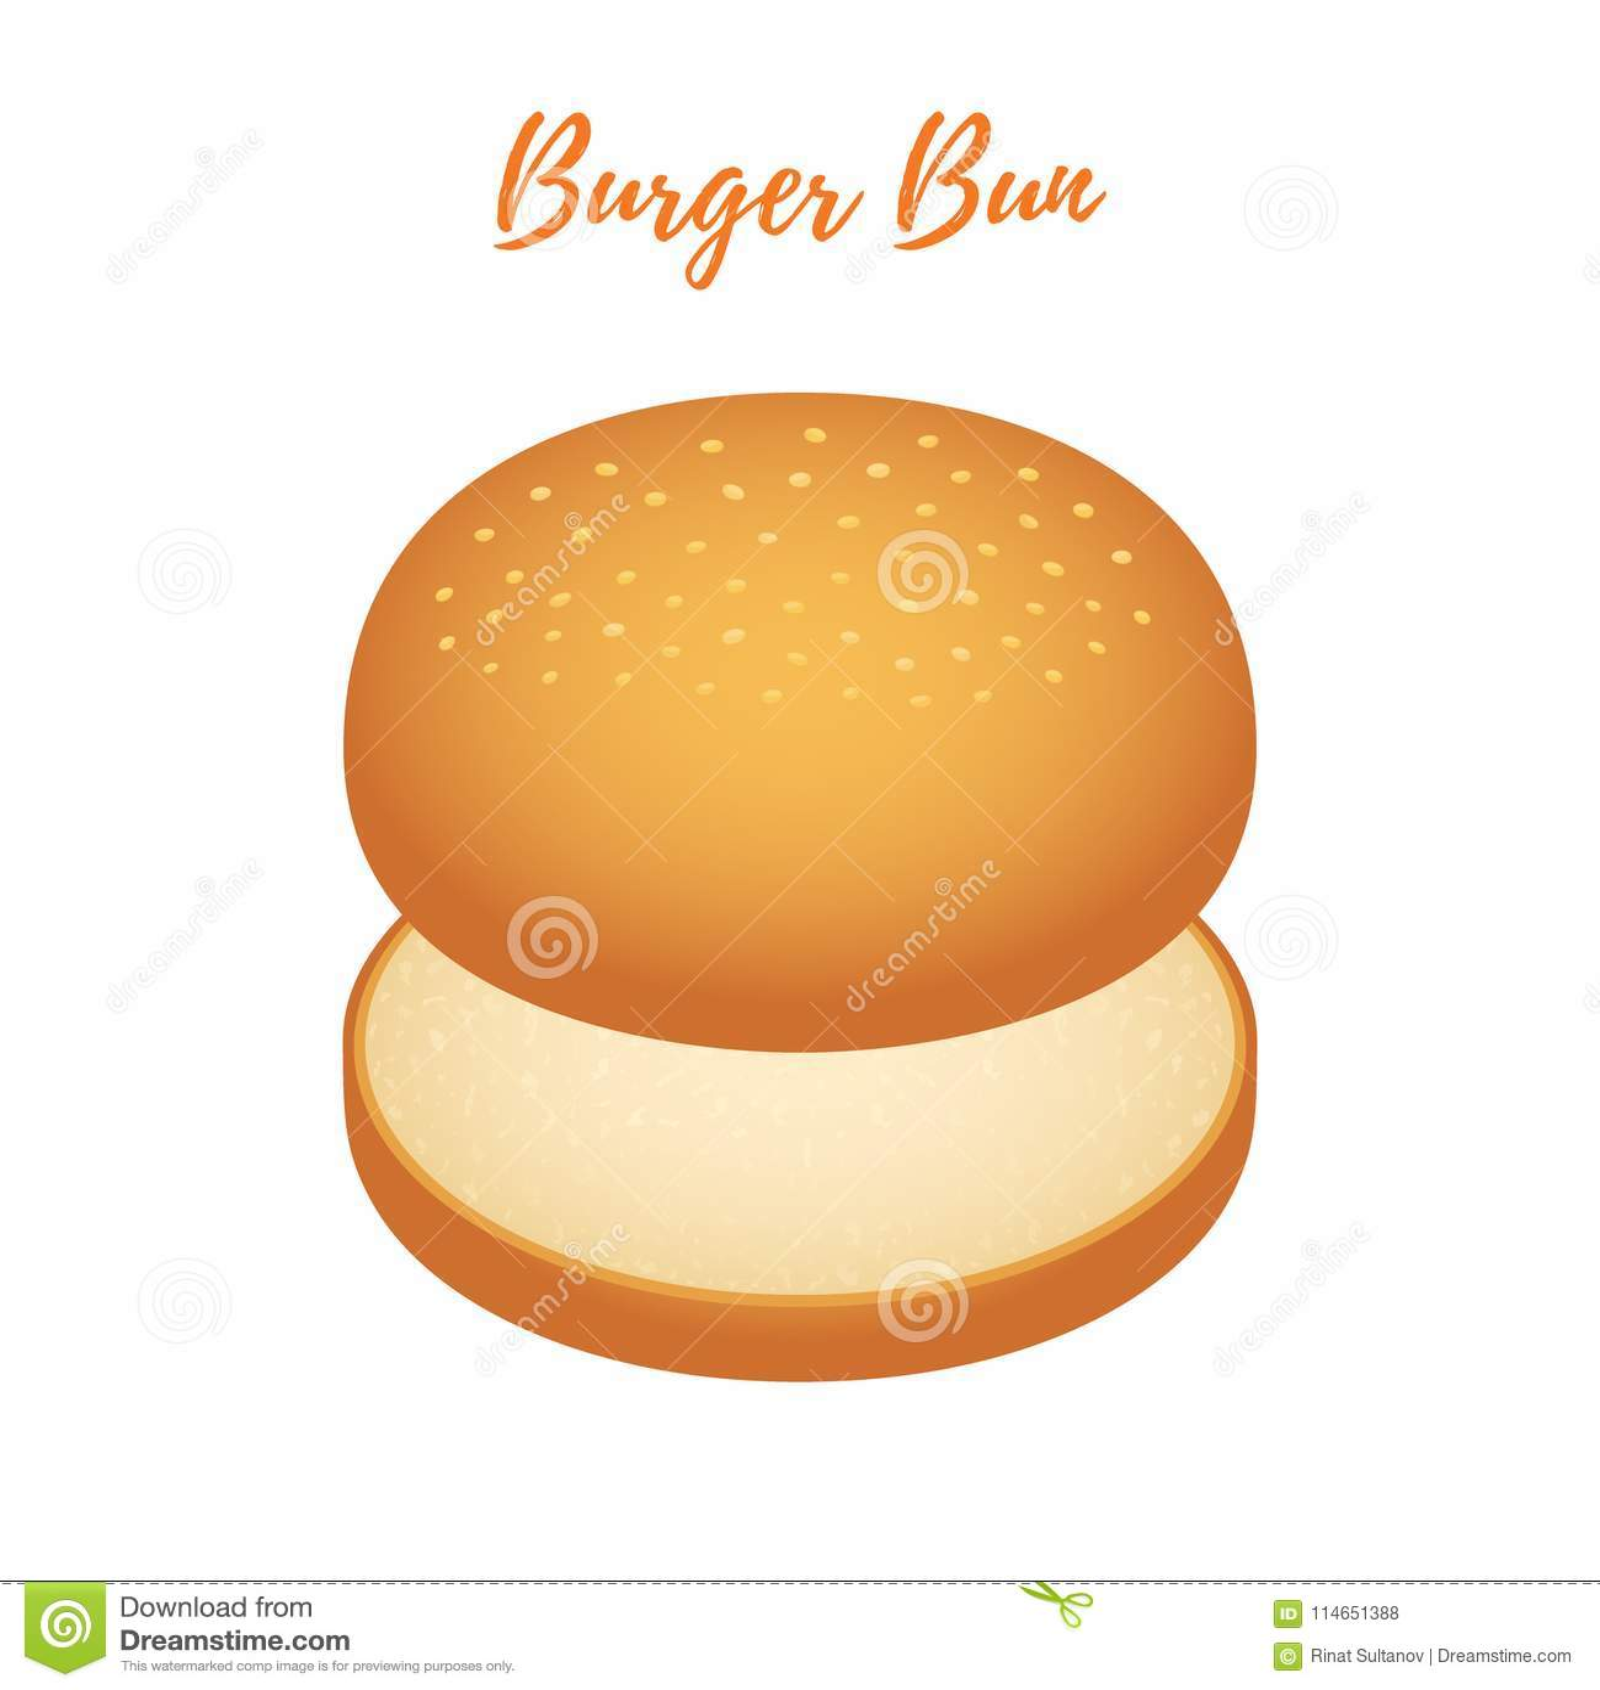 Vector 3d Burger Bun Hamburger Bread Bakery Product